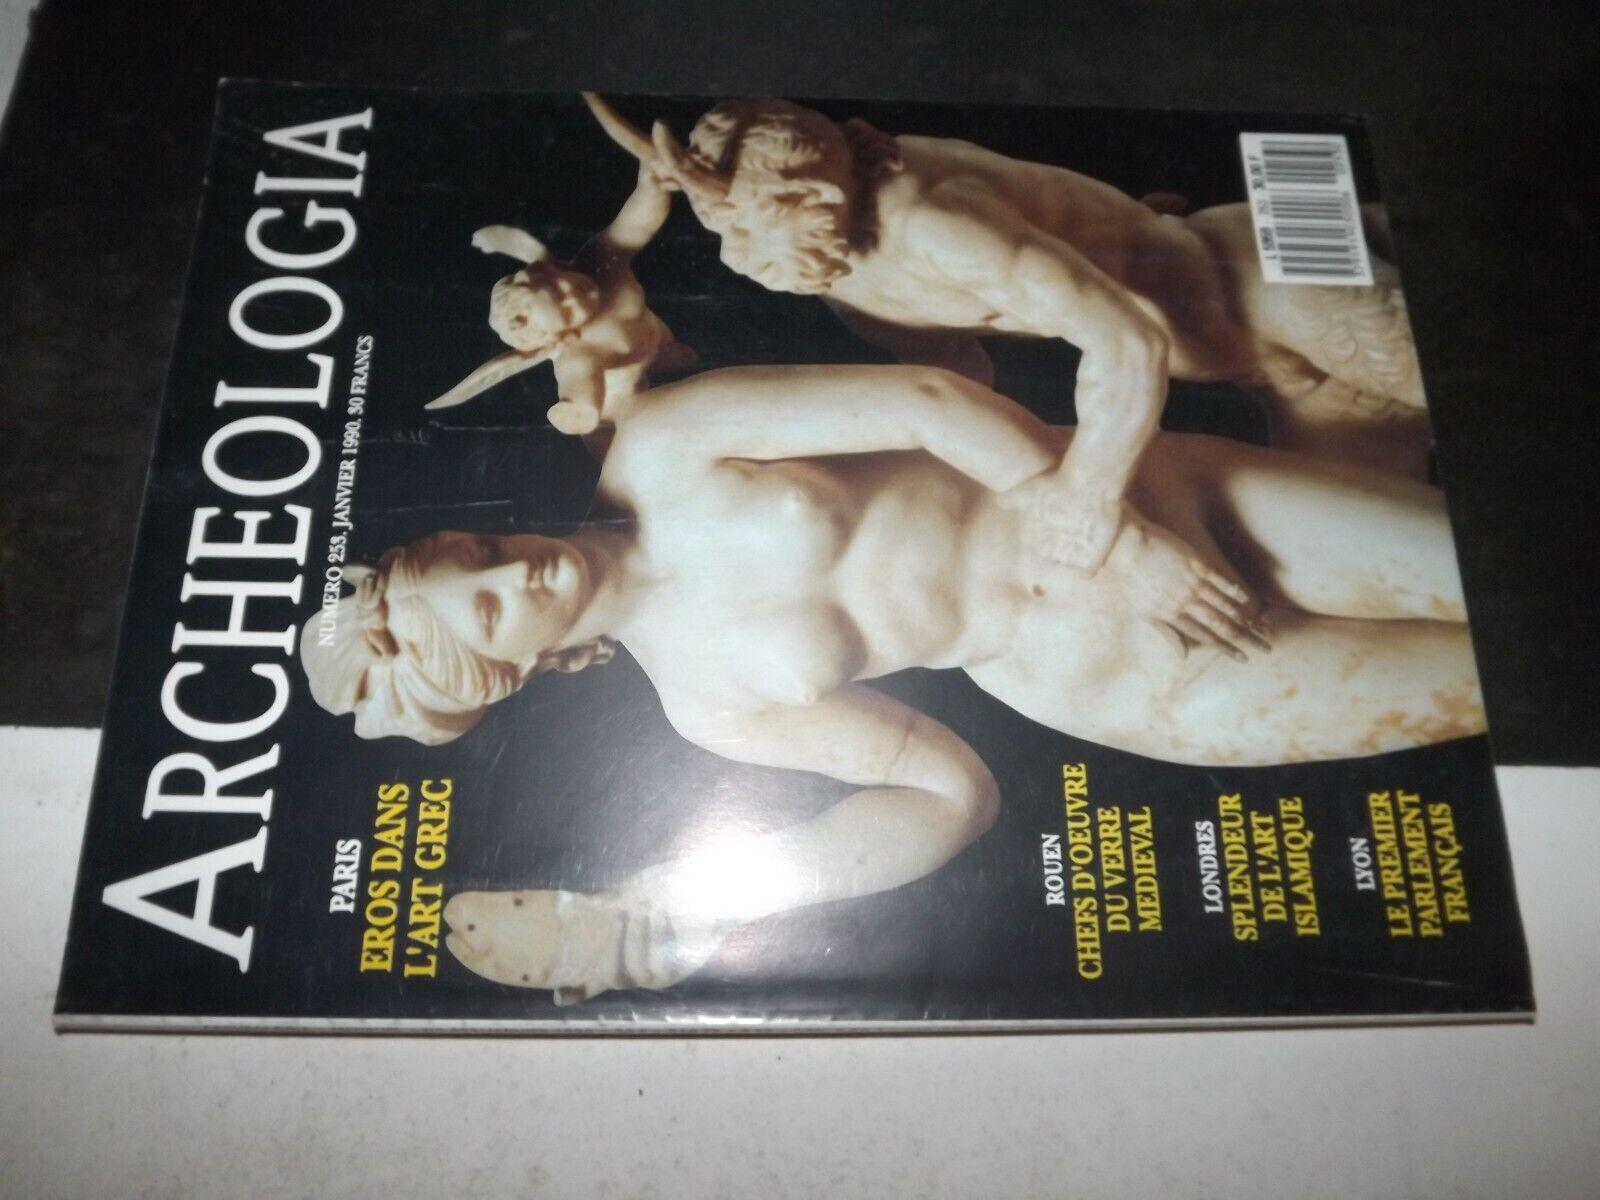 ** revue archéologia n°253 eros / verre du moyen Âge / art islamique